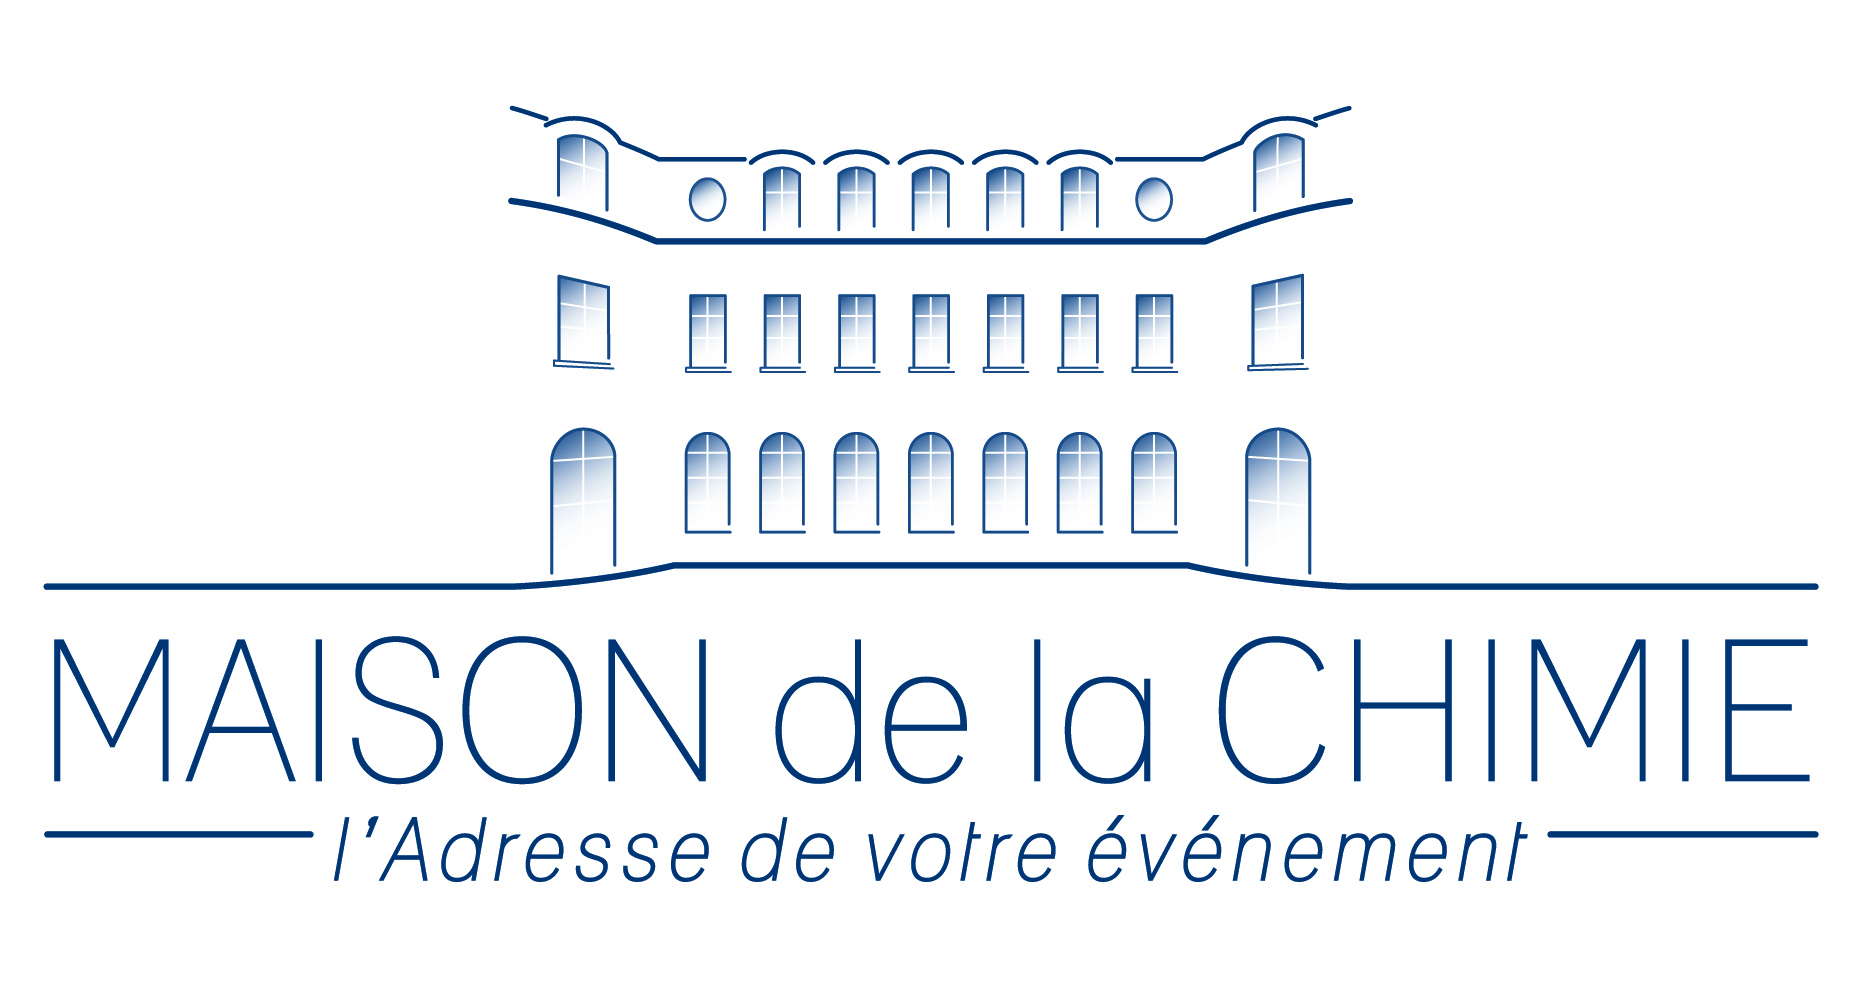 Fondation Maison de la chimie